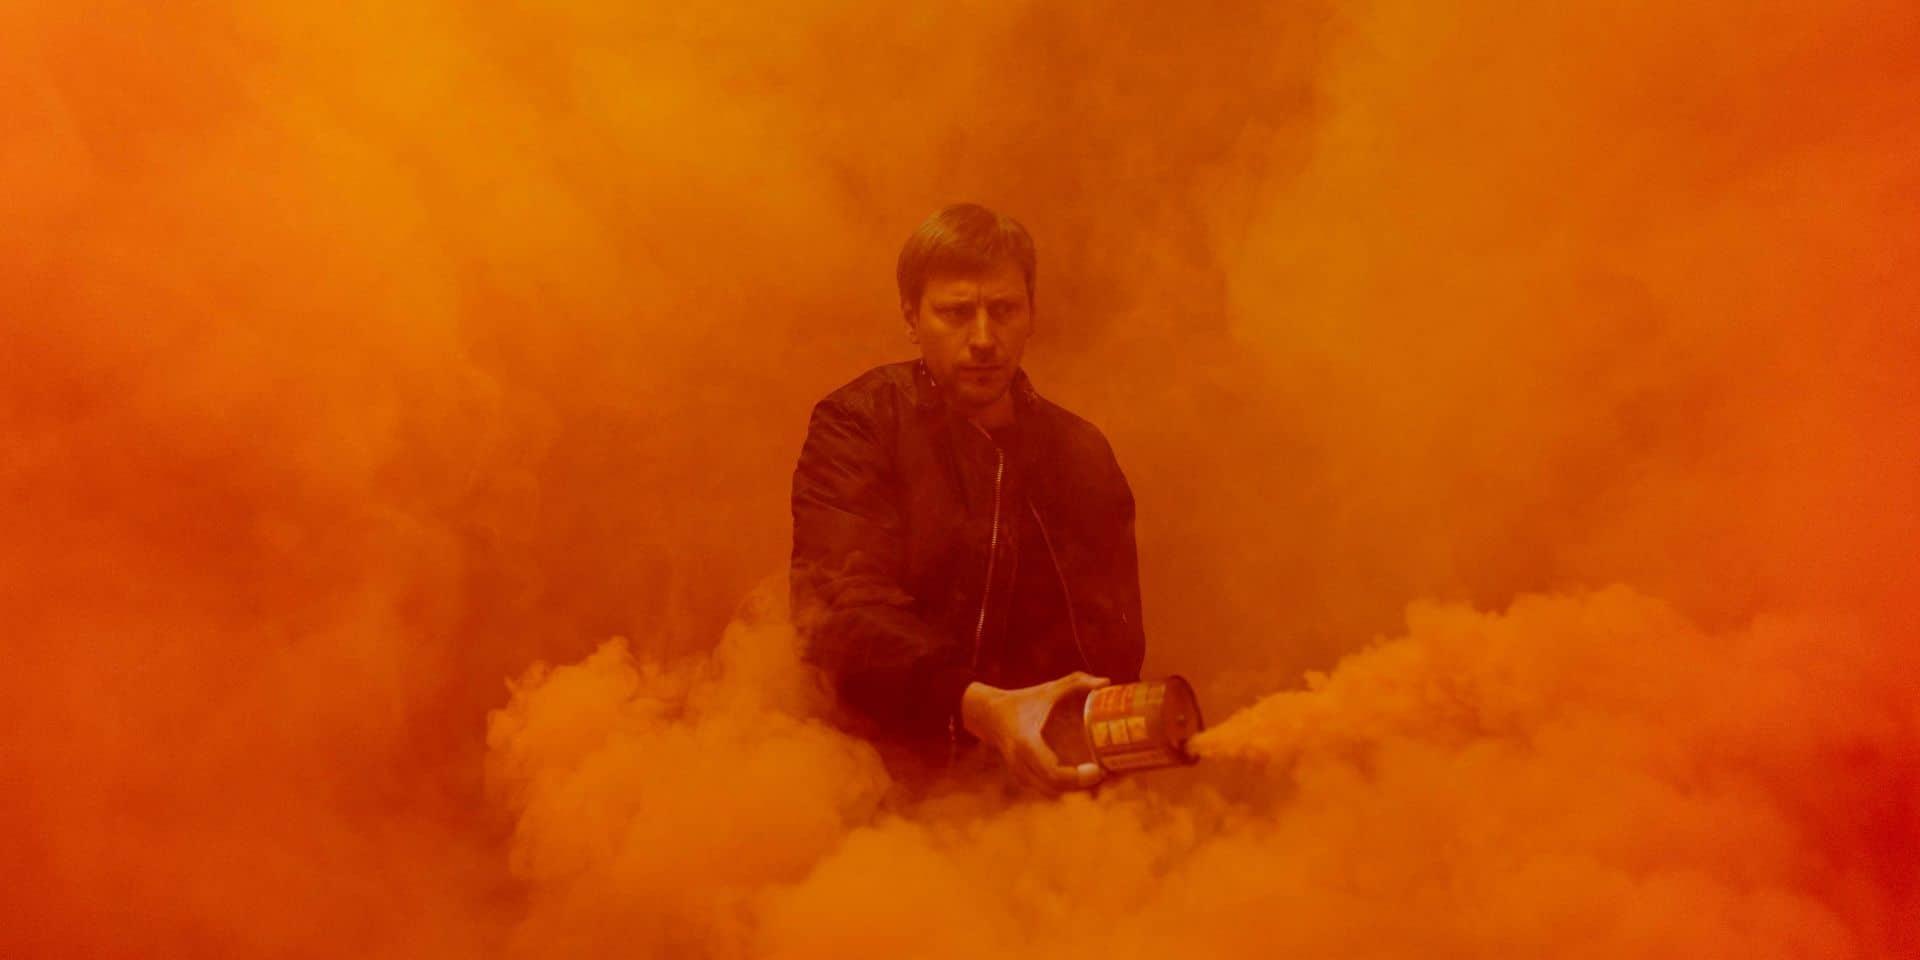 Marcin Dudek durant ses performances fumigènes